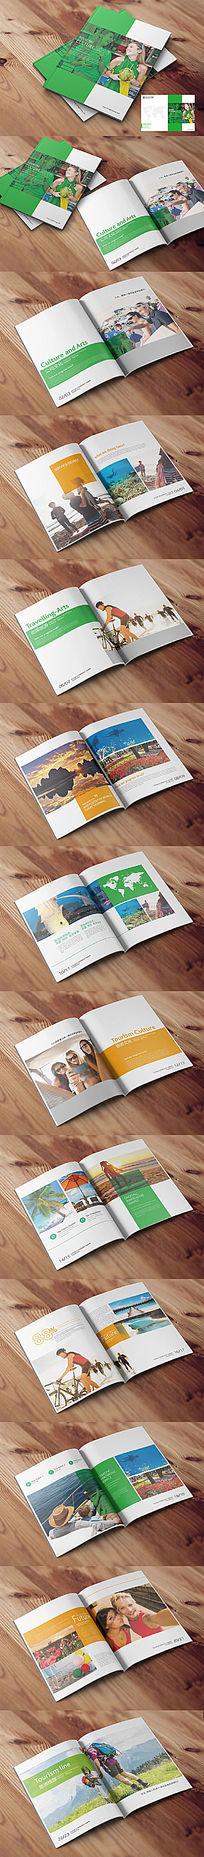 橙绿色时尚旅游画册